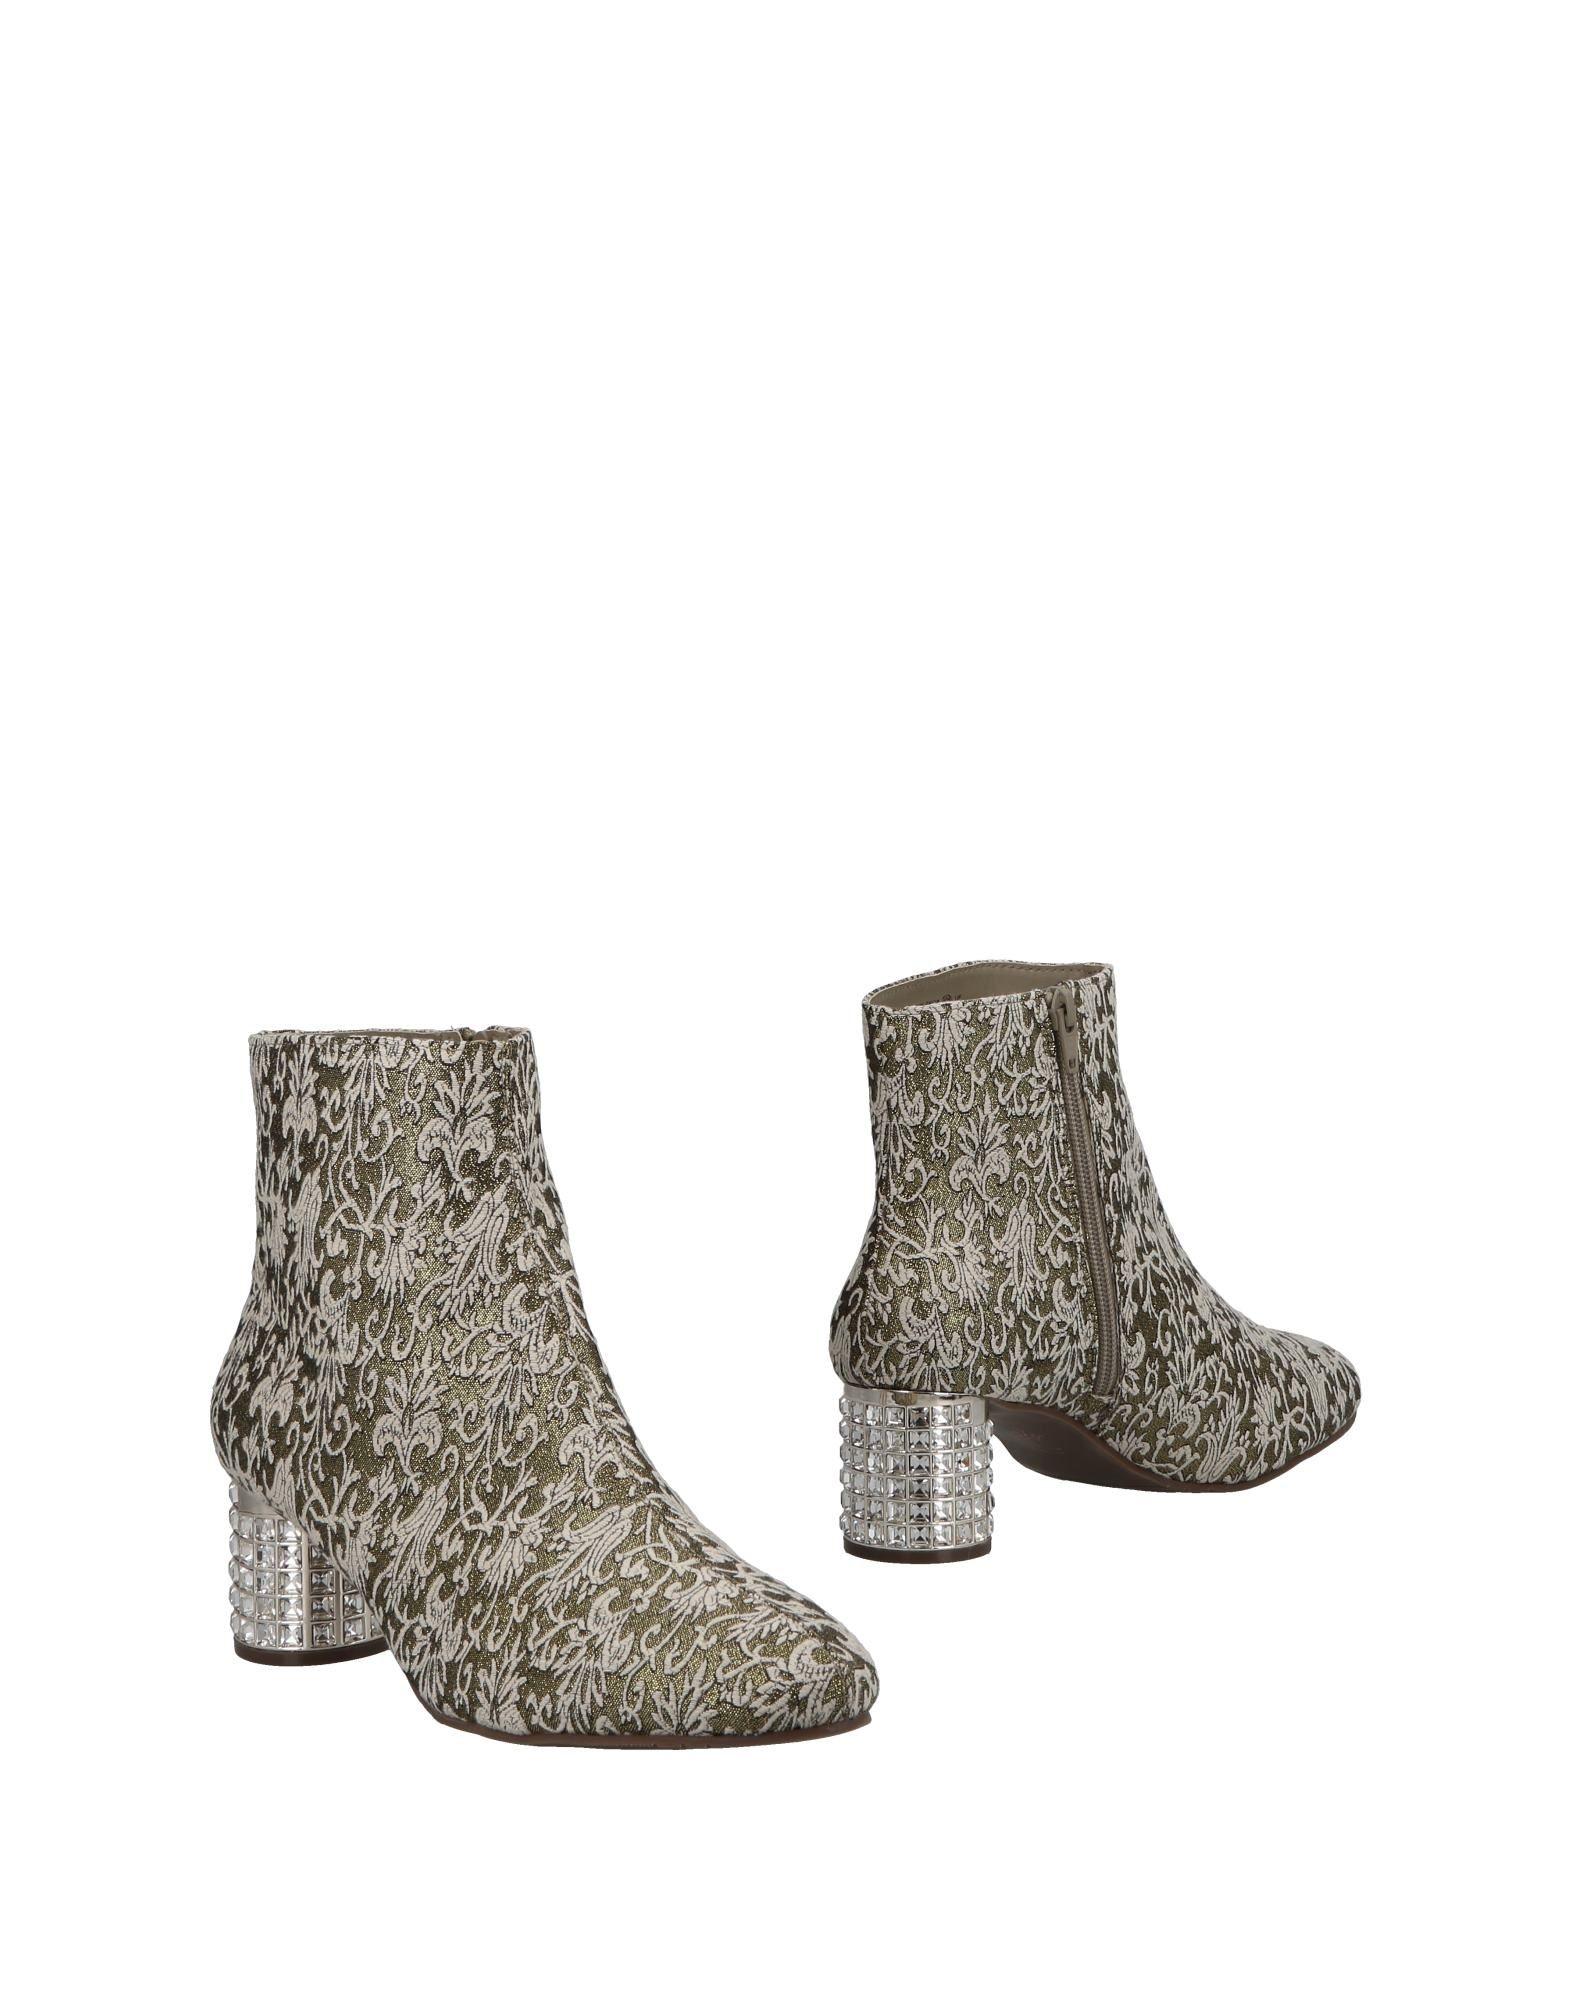 Nina New York Stiefelette Damen  11479821XO Gute Qualität beliebte Schuhe